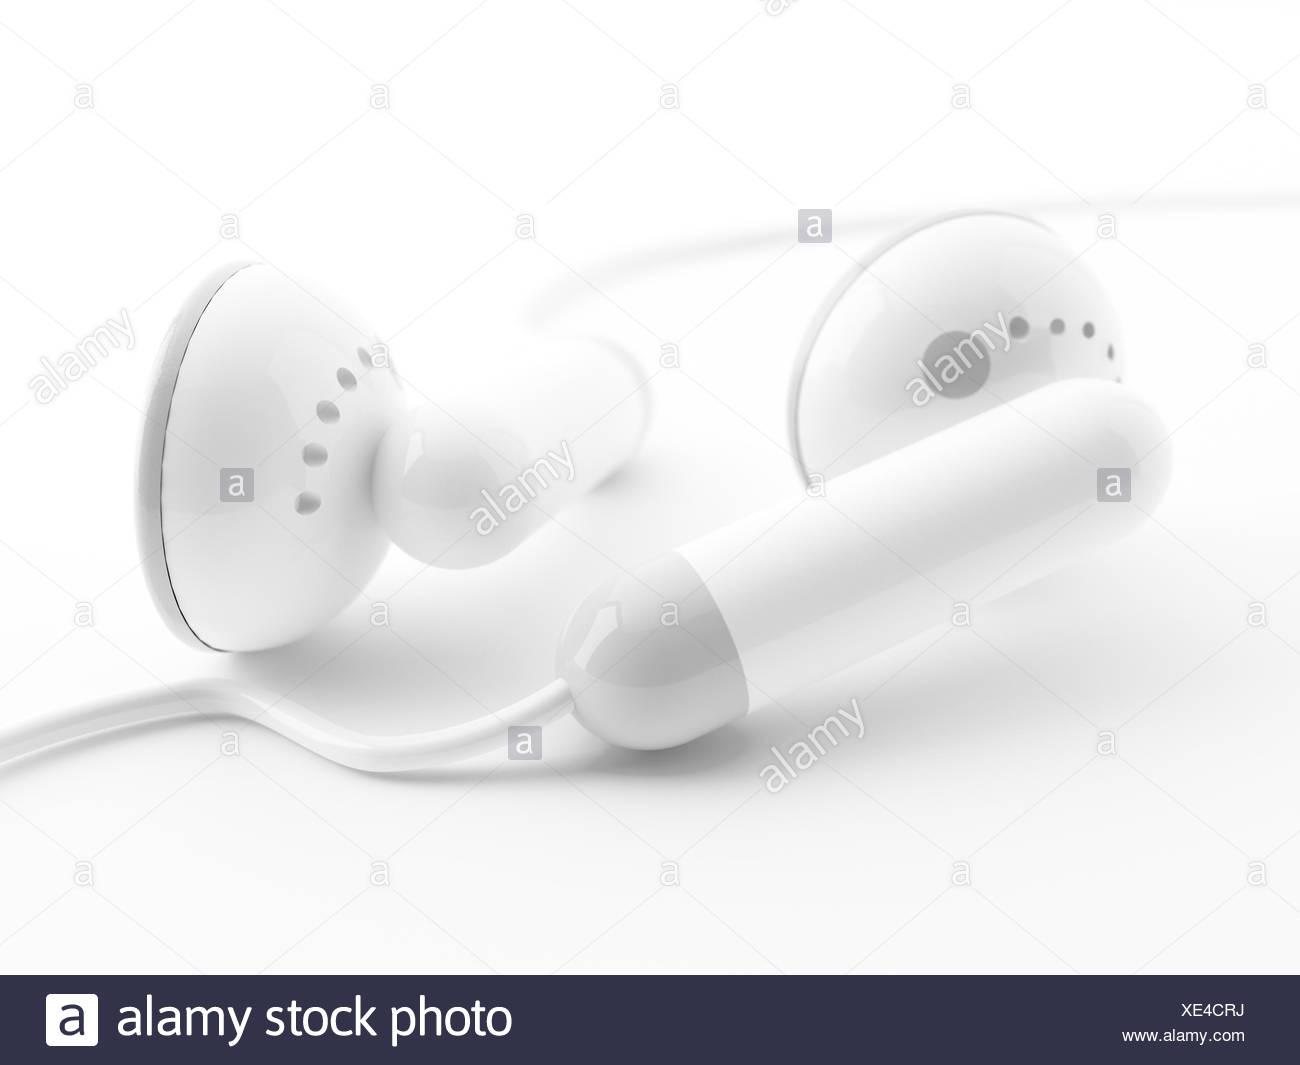 Modern light earphones on a white background - Stock Image